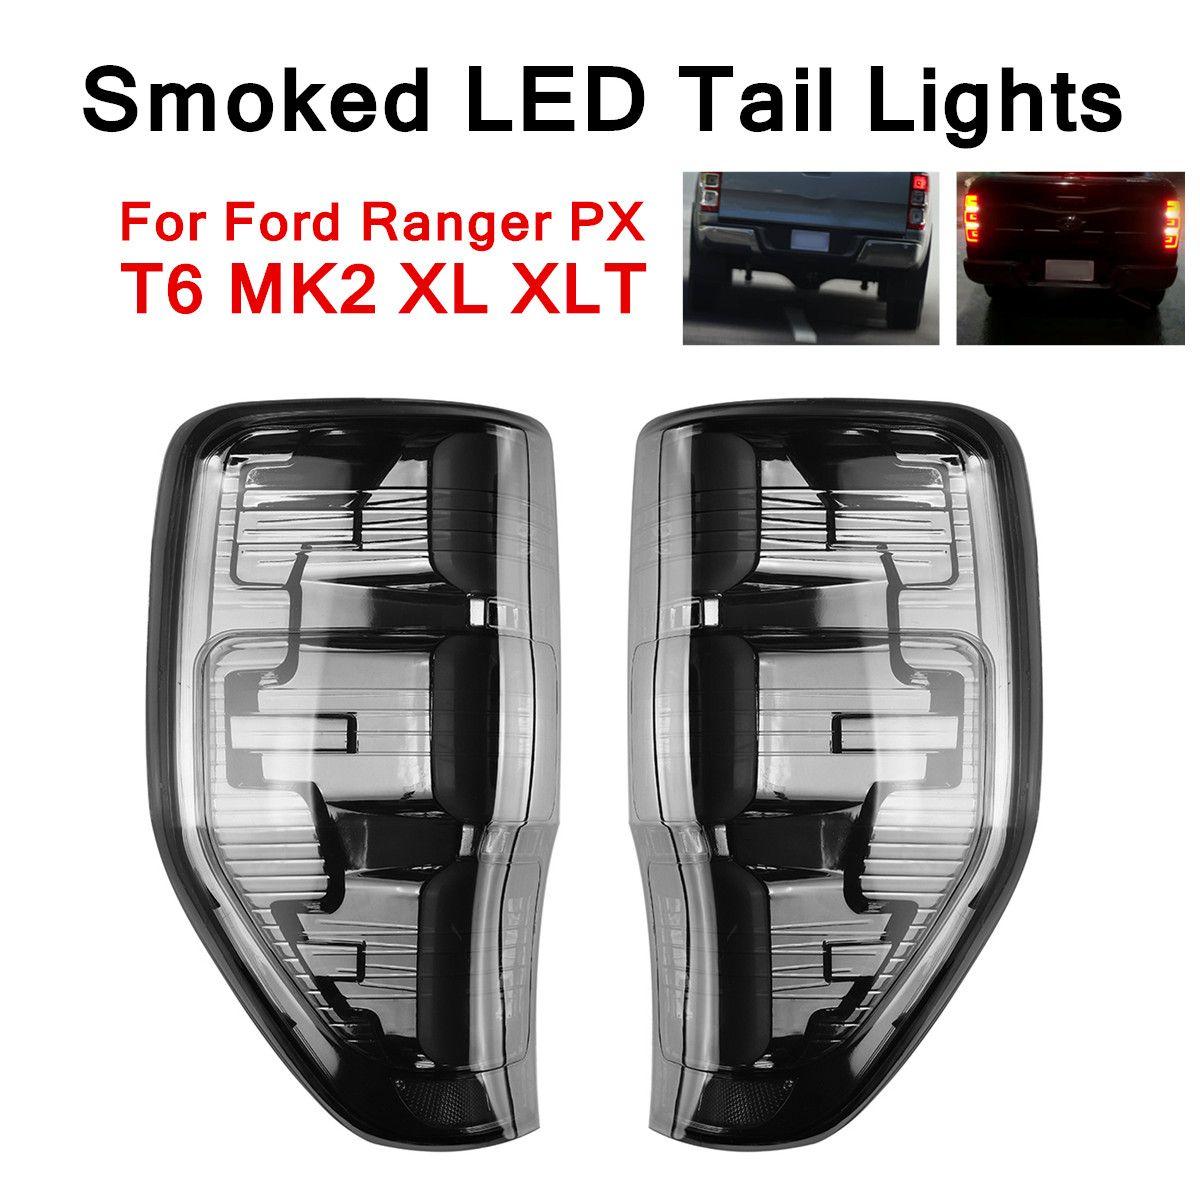 Volle Led-leuchten Schwanz Hinten Lampe Licht Smoked Edition Auto Energie Saving Low Power Verbrauch ABS Für Ford Ranger PX t6 MK2 XL XLT